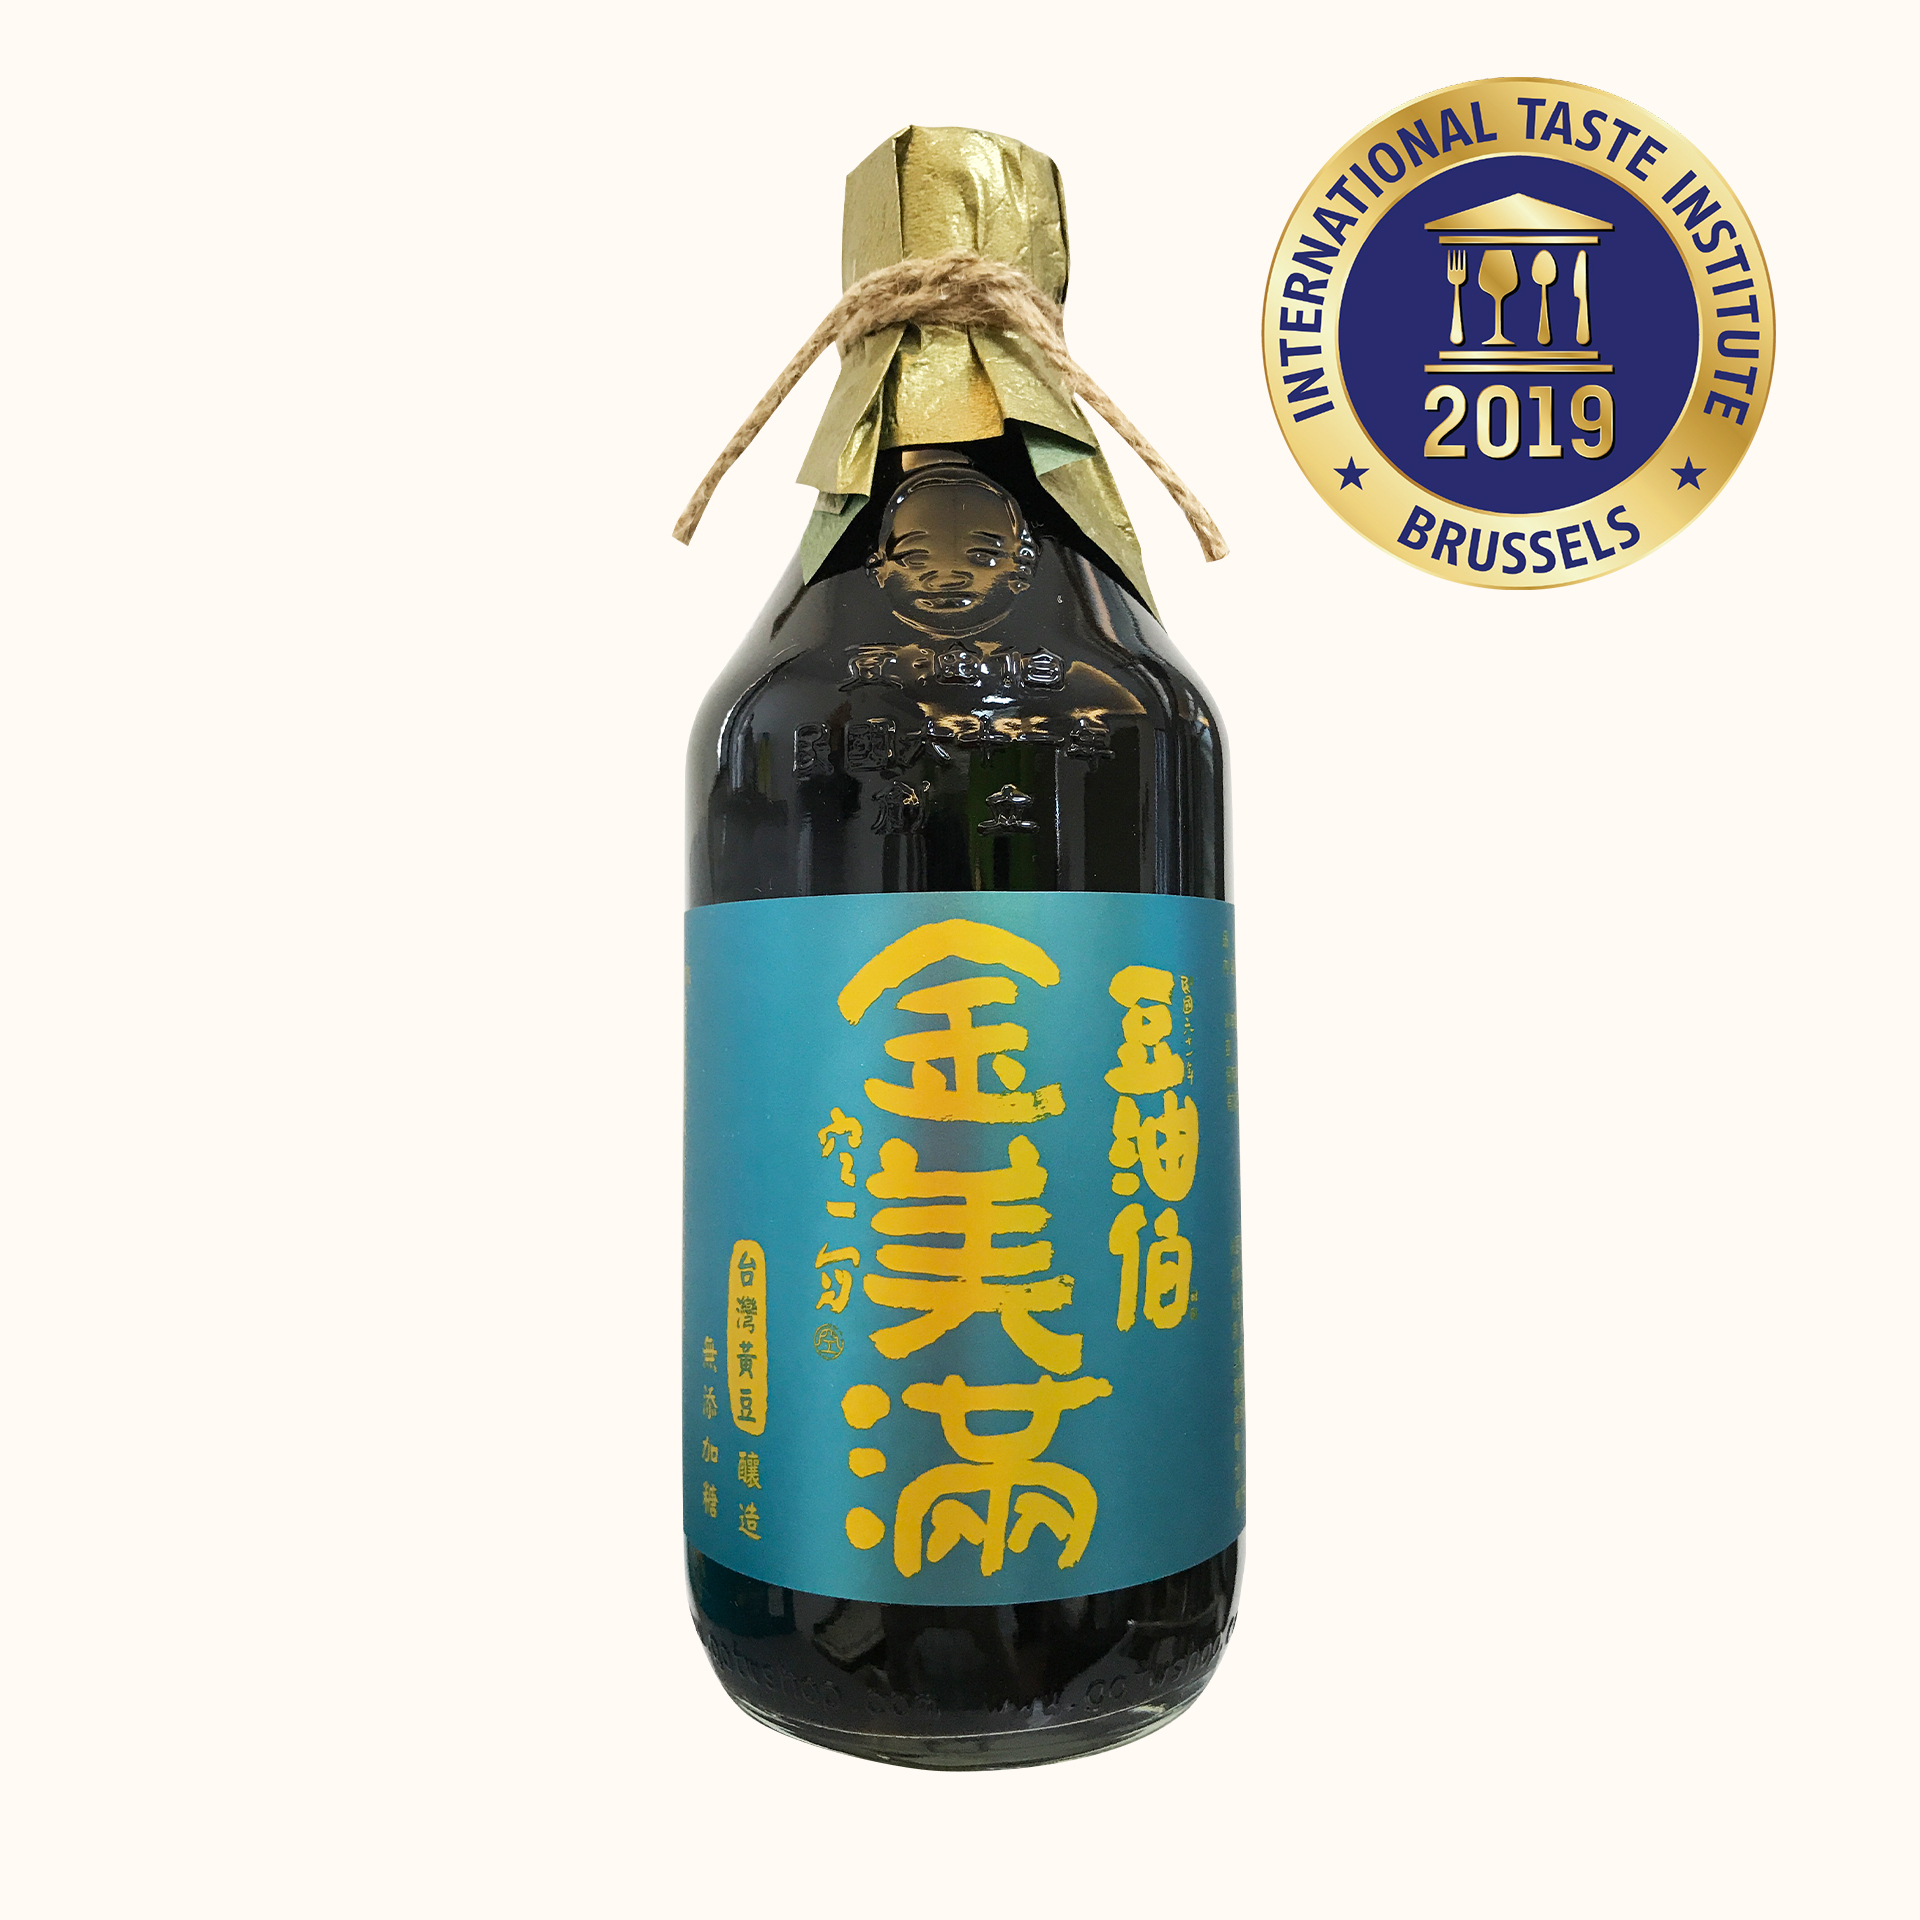 【防疫料理組】甘田醬油1入+金美滿醬油1入+巴狄尼絲橄欖油250ml(共3入)送卡其提袋*1